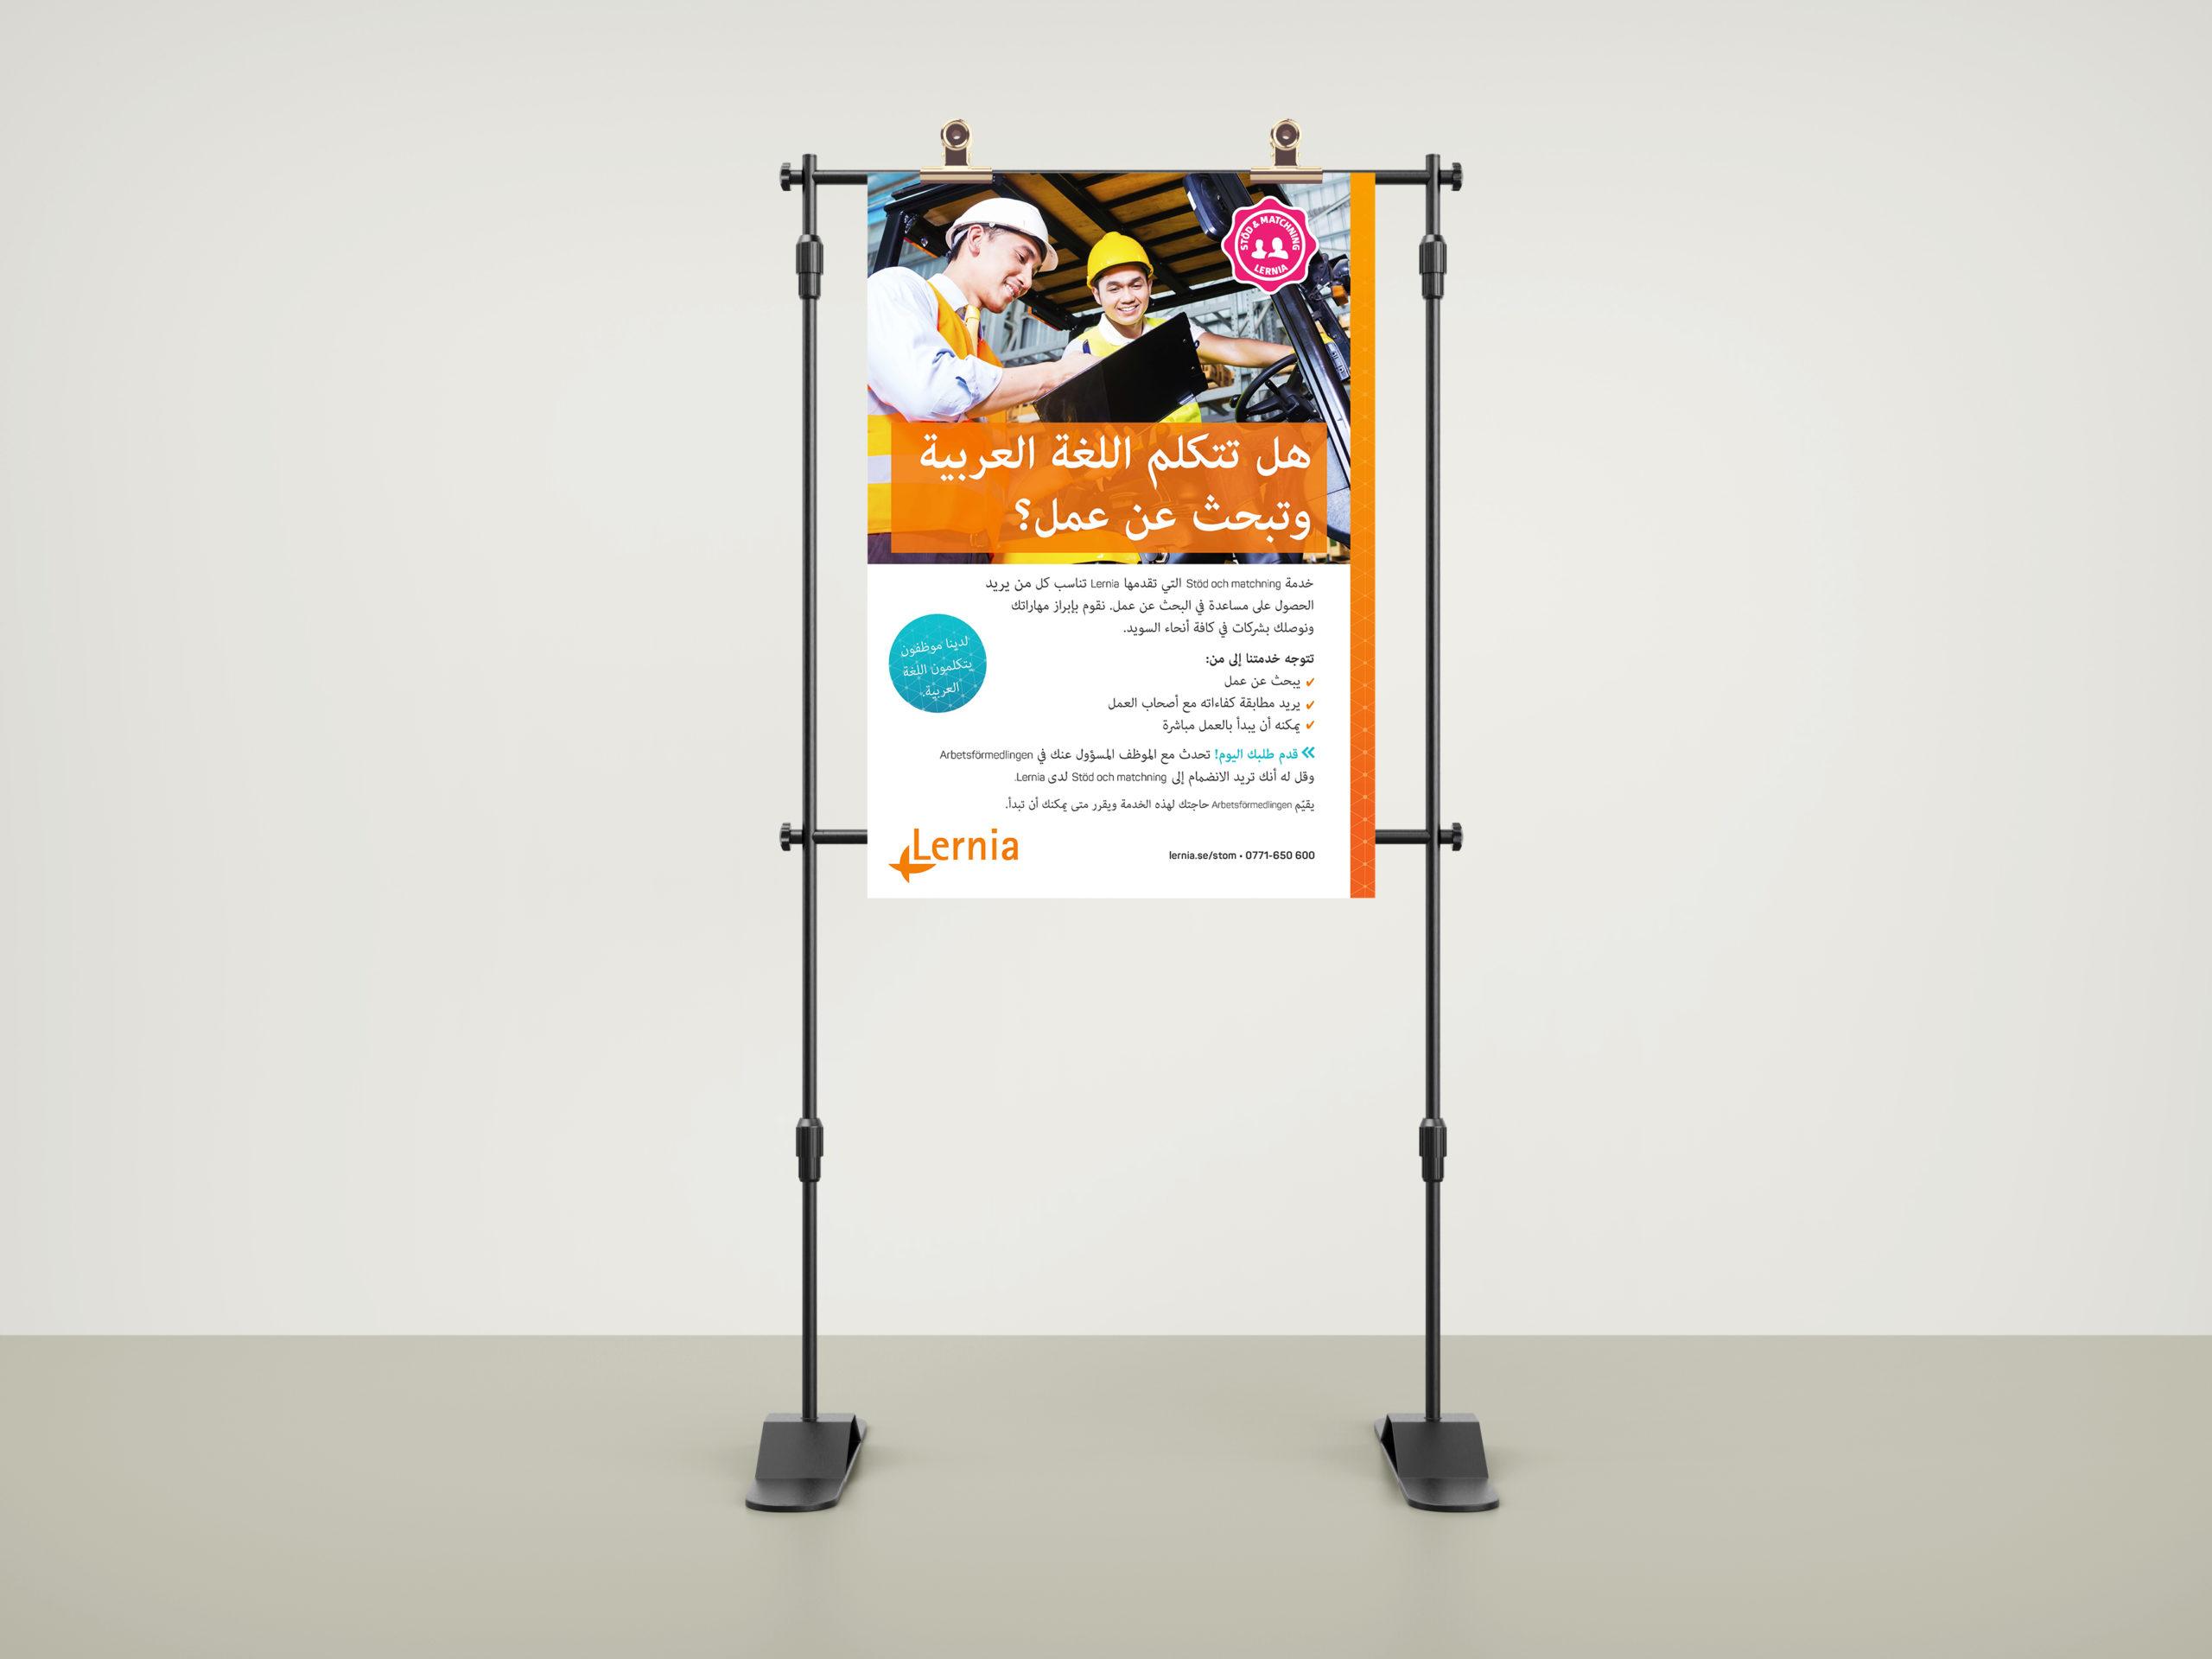 Affisch på arabiska för Lernia Stöd och Matchning